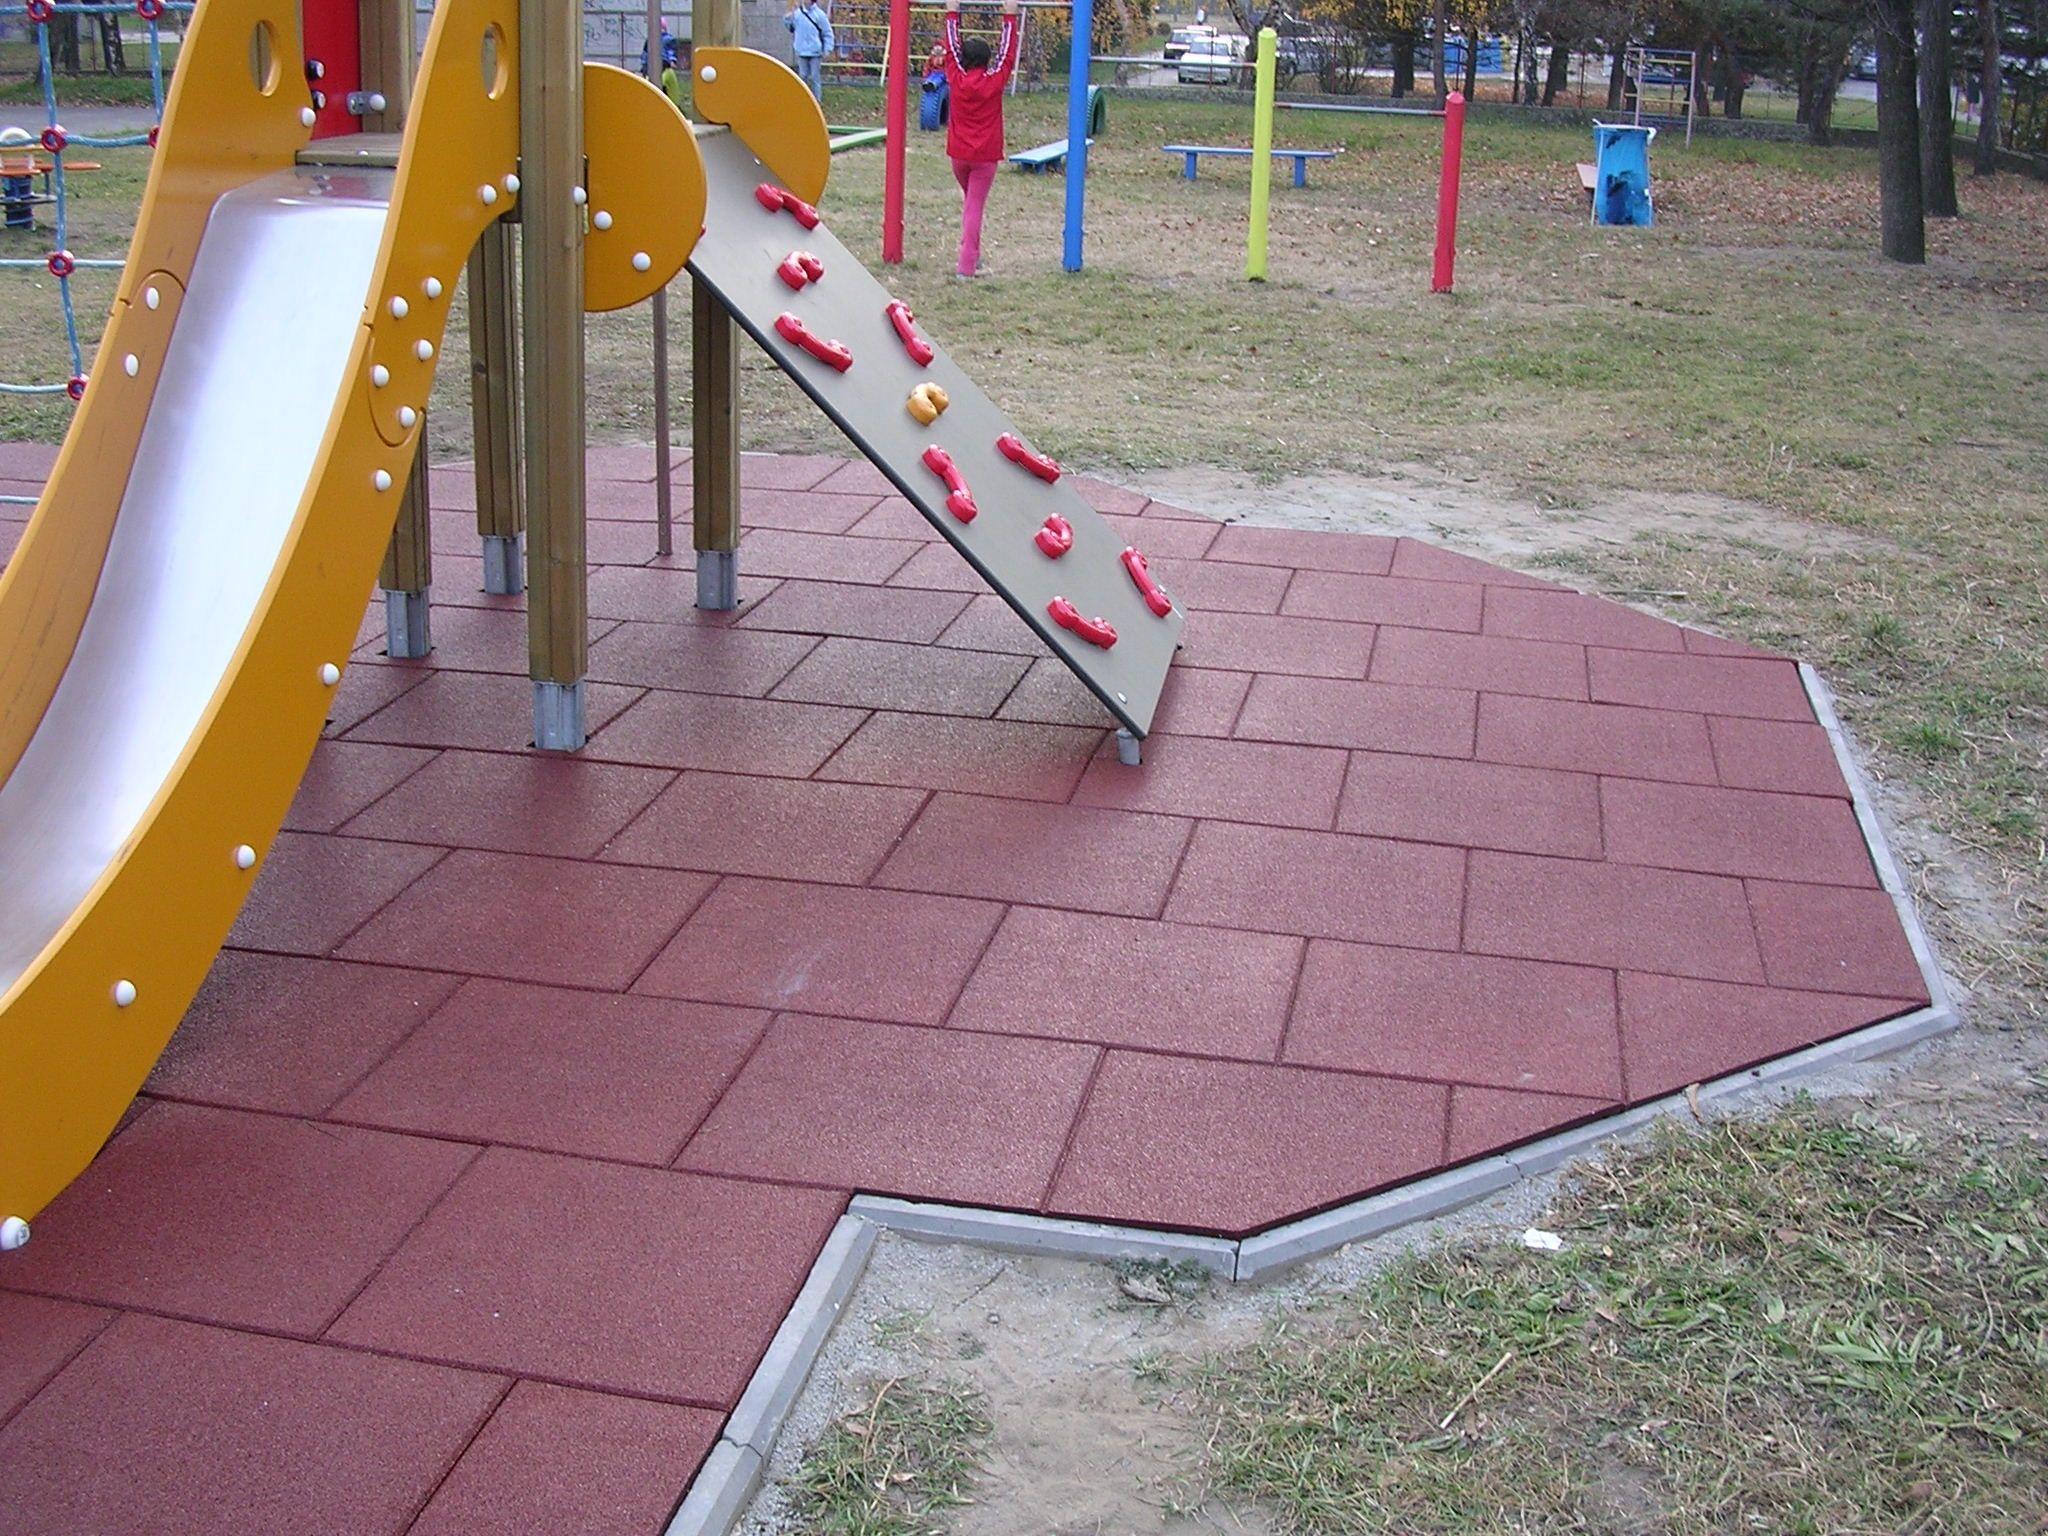 Outdoor Soft Floor Tiles Httpnextsoft21 Pinterest